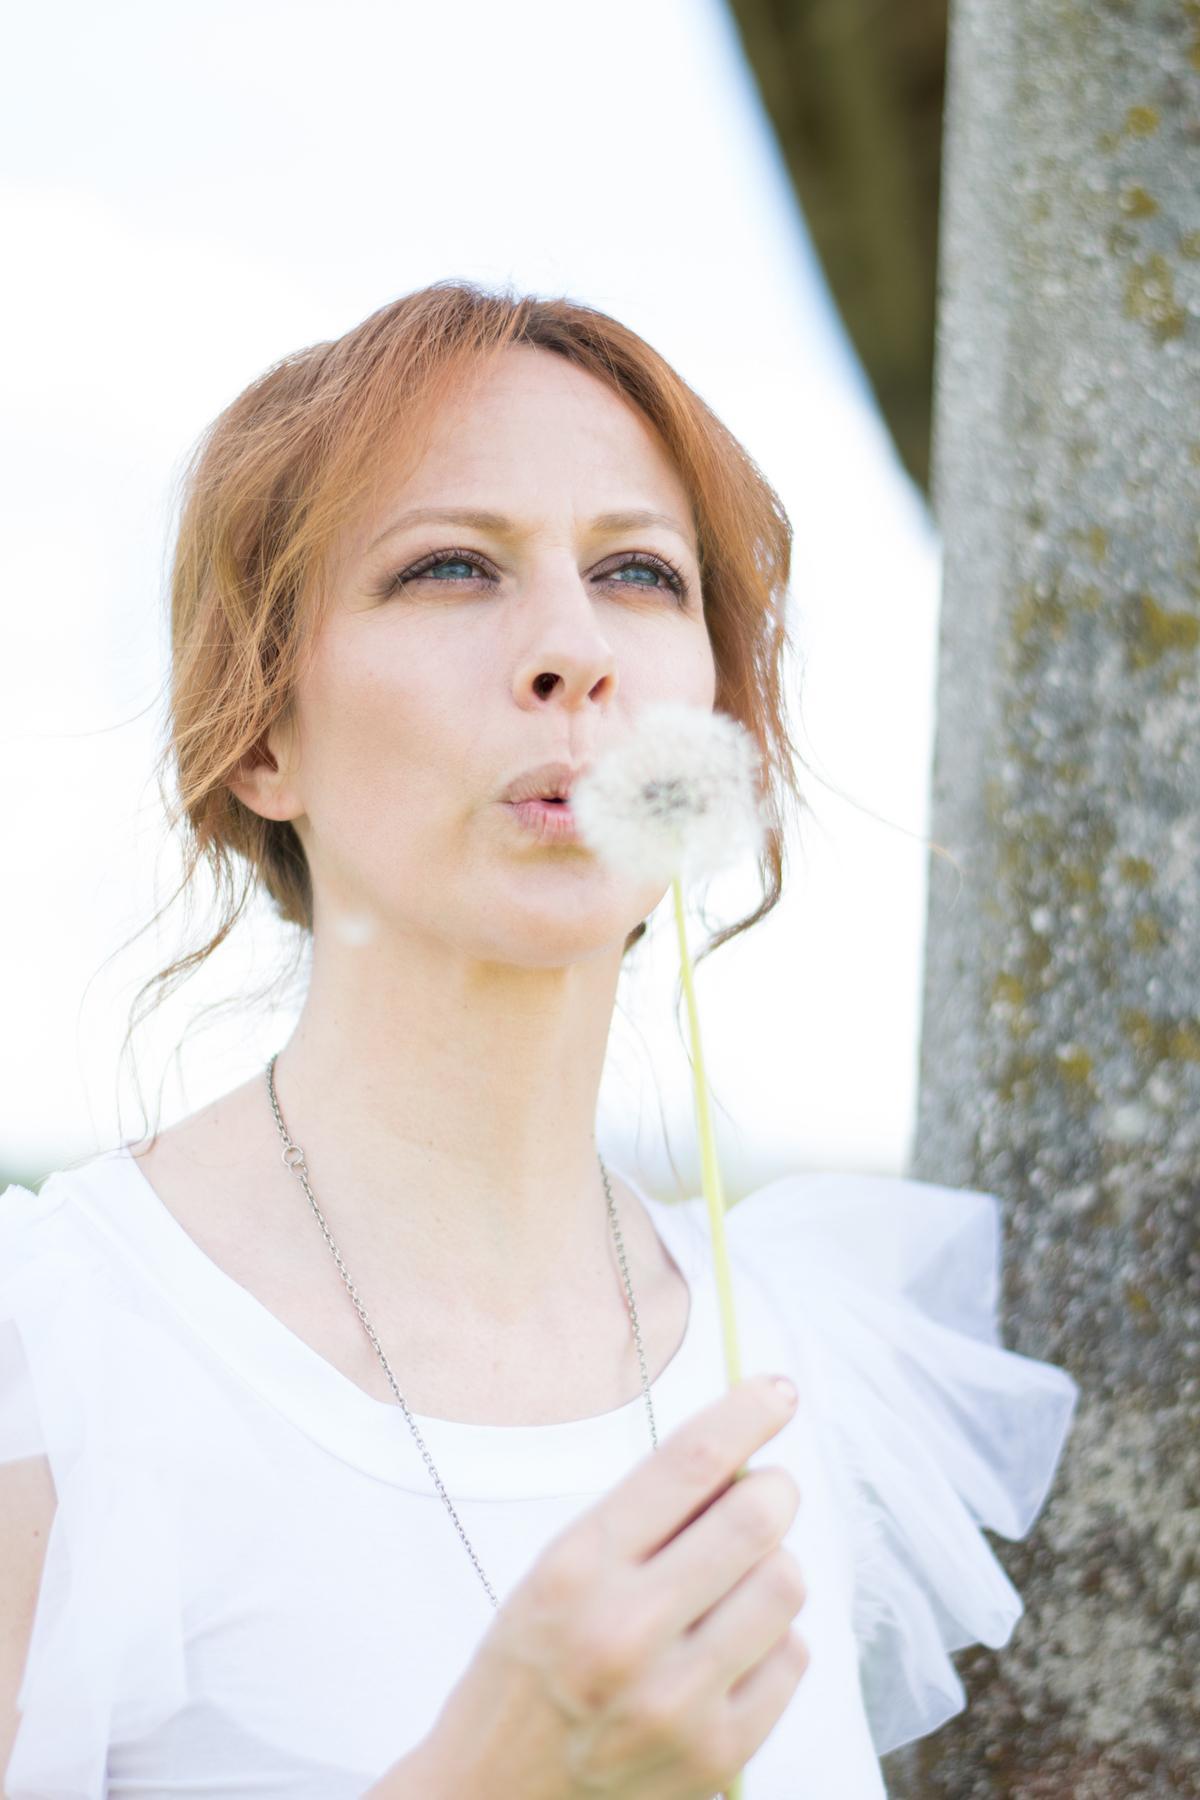 Beautyfullblog Nika Veger regratova lucka